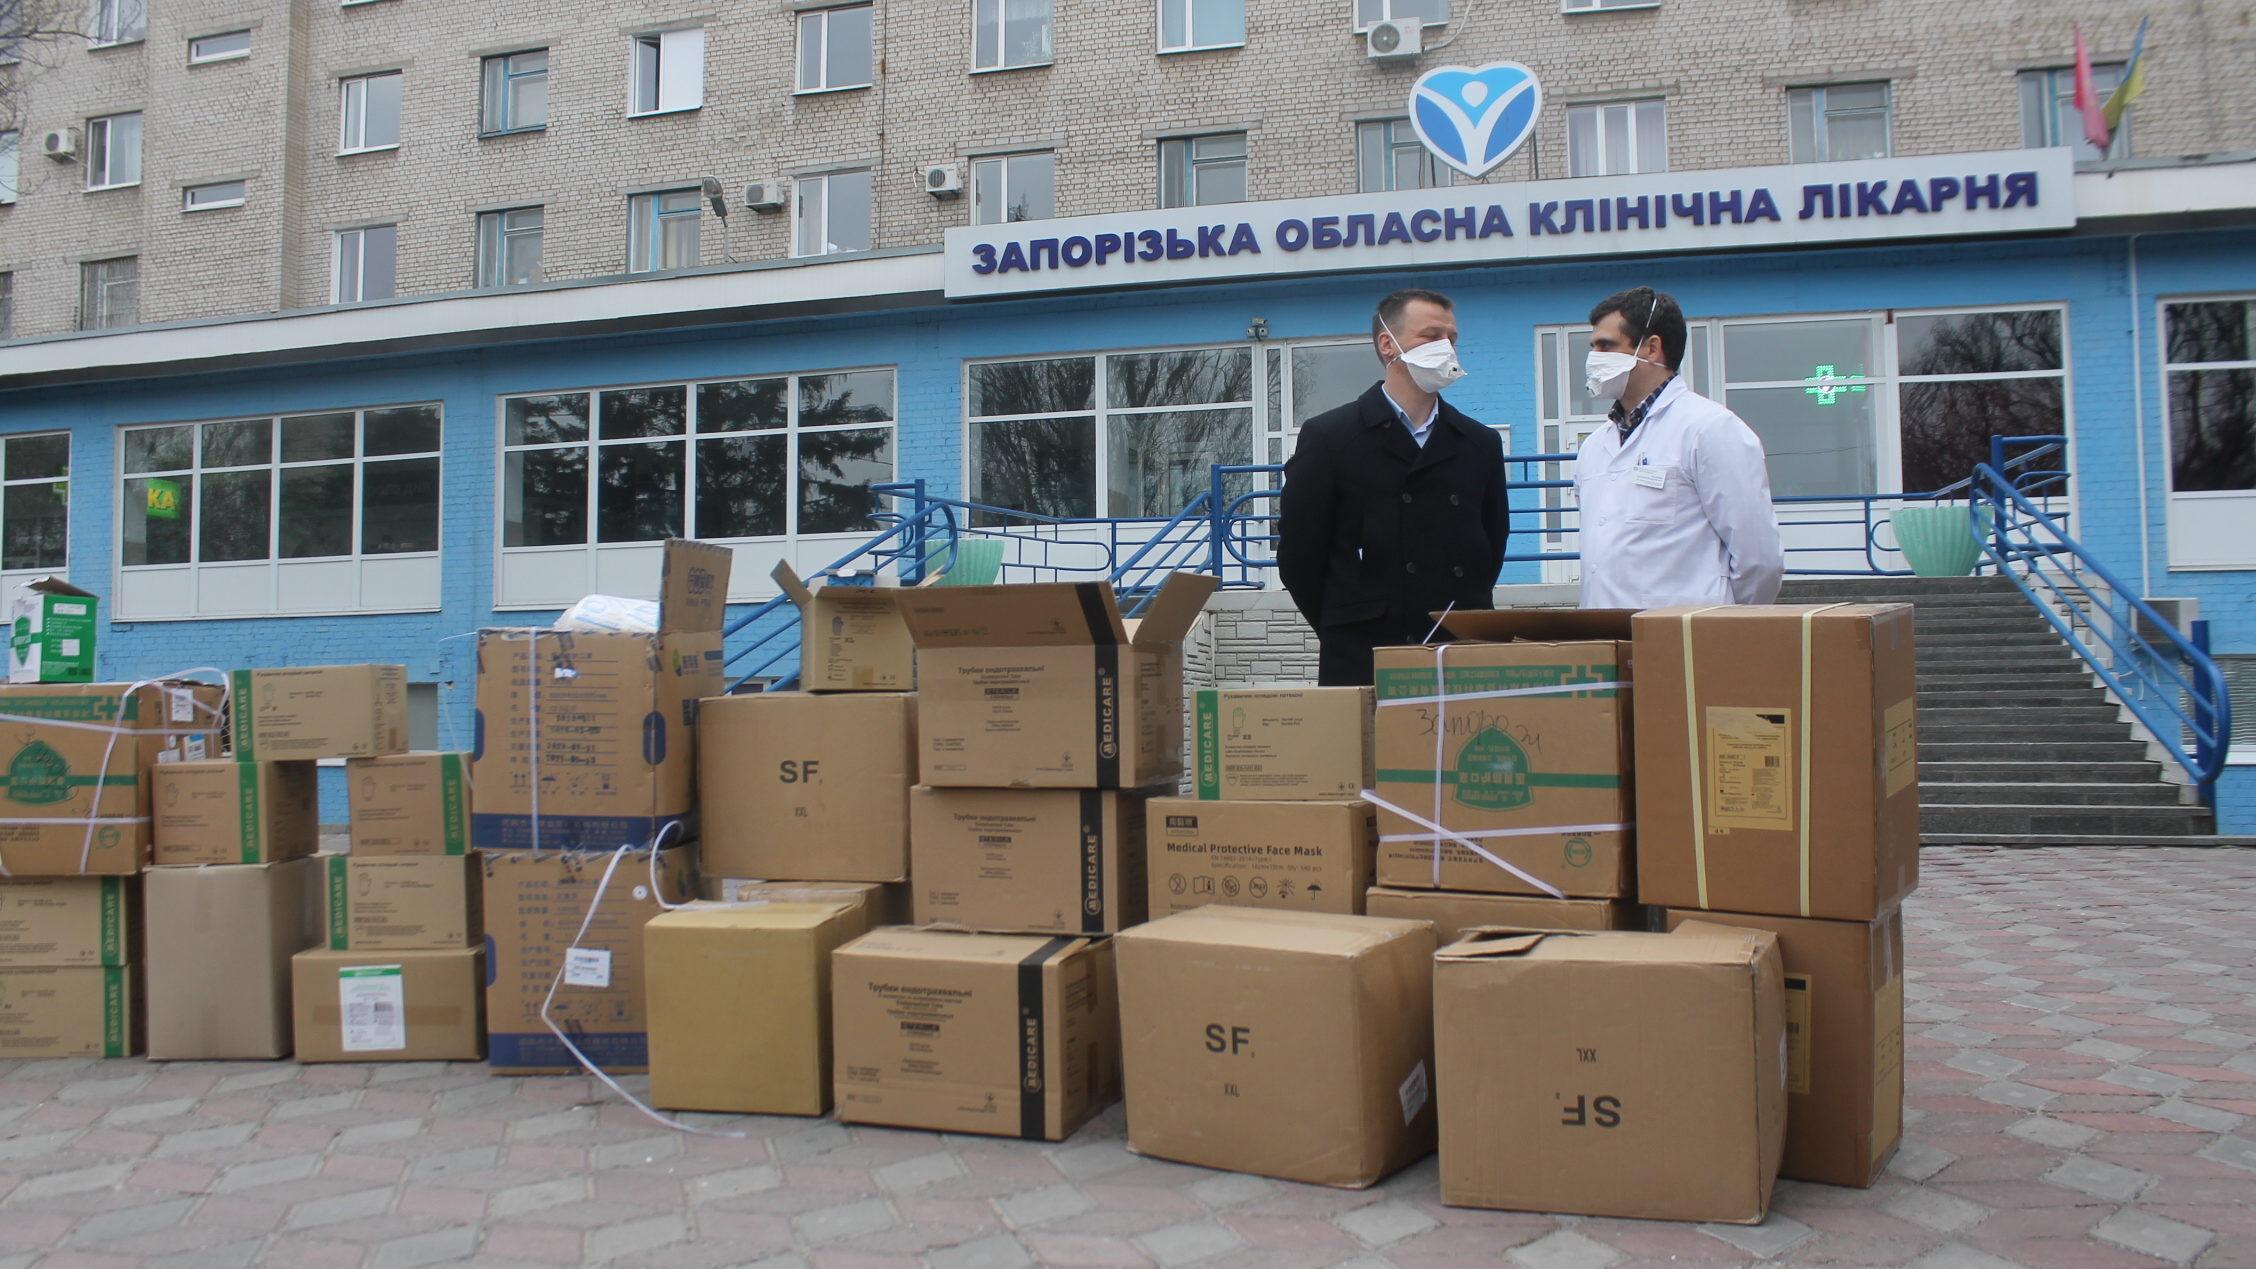 Борьба с коронавирусом: крупный бизнес передал Запорожской области большую партию медоборудования и средств индивидуальной защиты, – ФОТОРЕПОРТАЖ